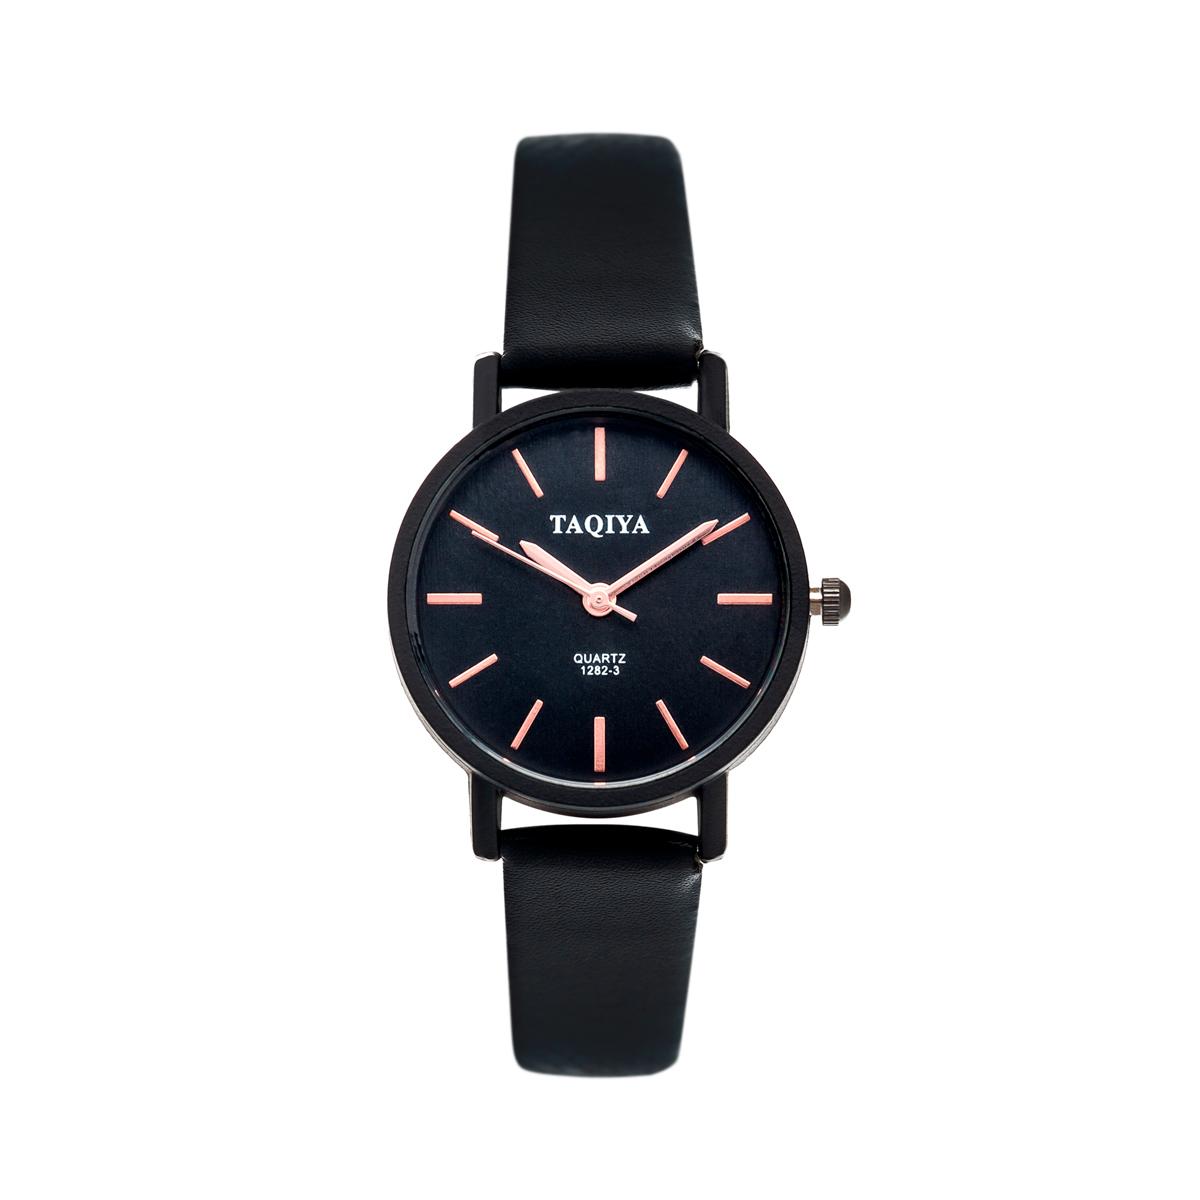 خرید ساعت مچی عقربه ای زنانه تاکیا کد W1091